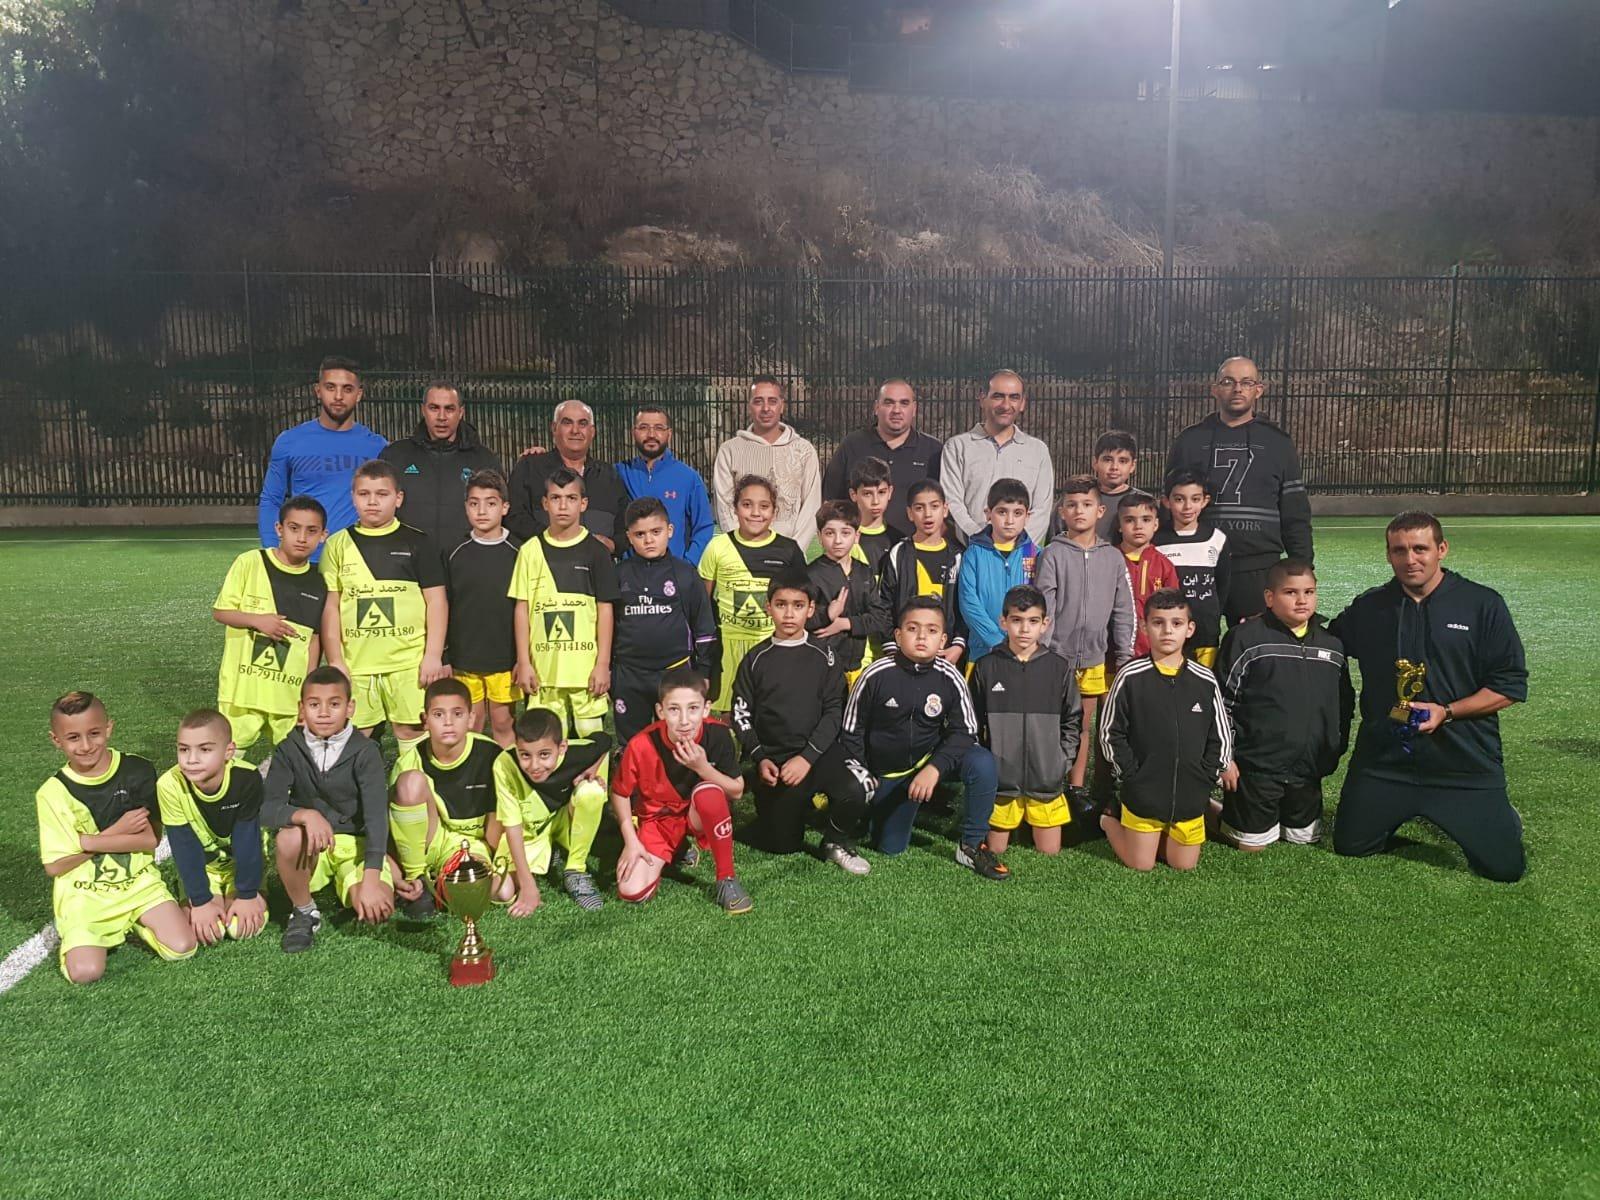 اختتام بطولة ألناصرة لكرة القدم المصغرة لصفوف ثالث رابع